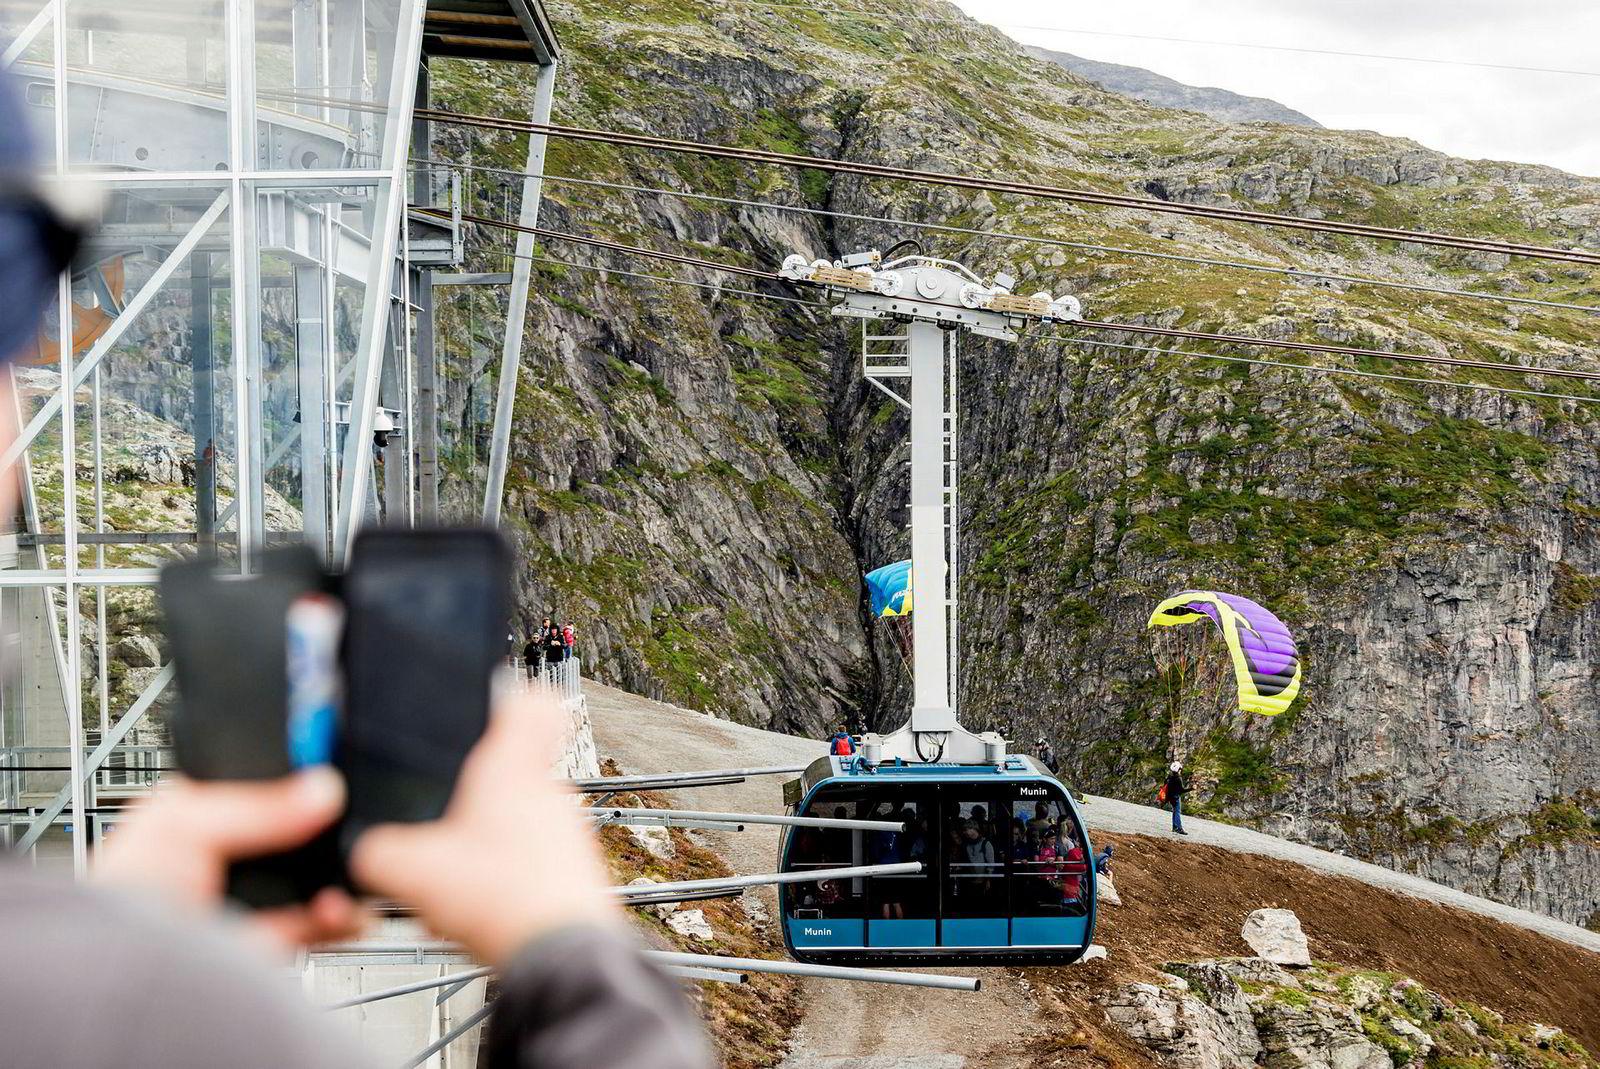 Hovenfjellet er blitt et av de mest populære utgangspunkt for speedflying etter at gondolbanen Loen Skylift åpnet. Banen tar hoppere – og andre – opp fra null til tusen høydemeter på litt over fem minutter.